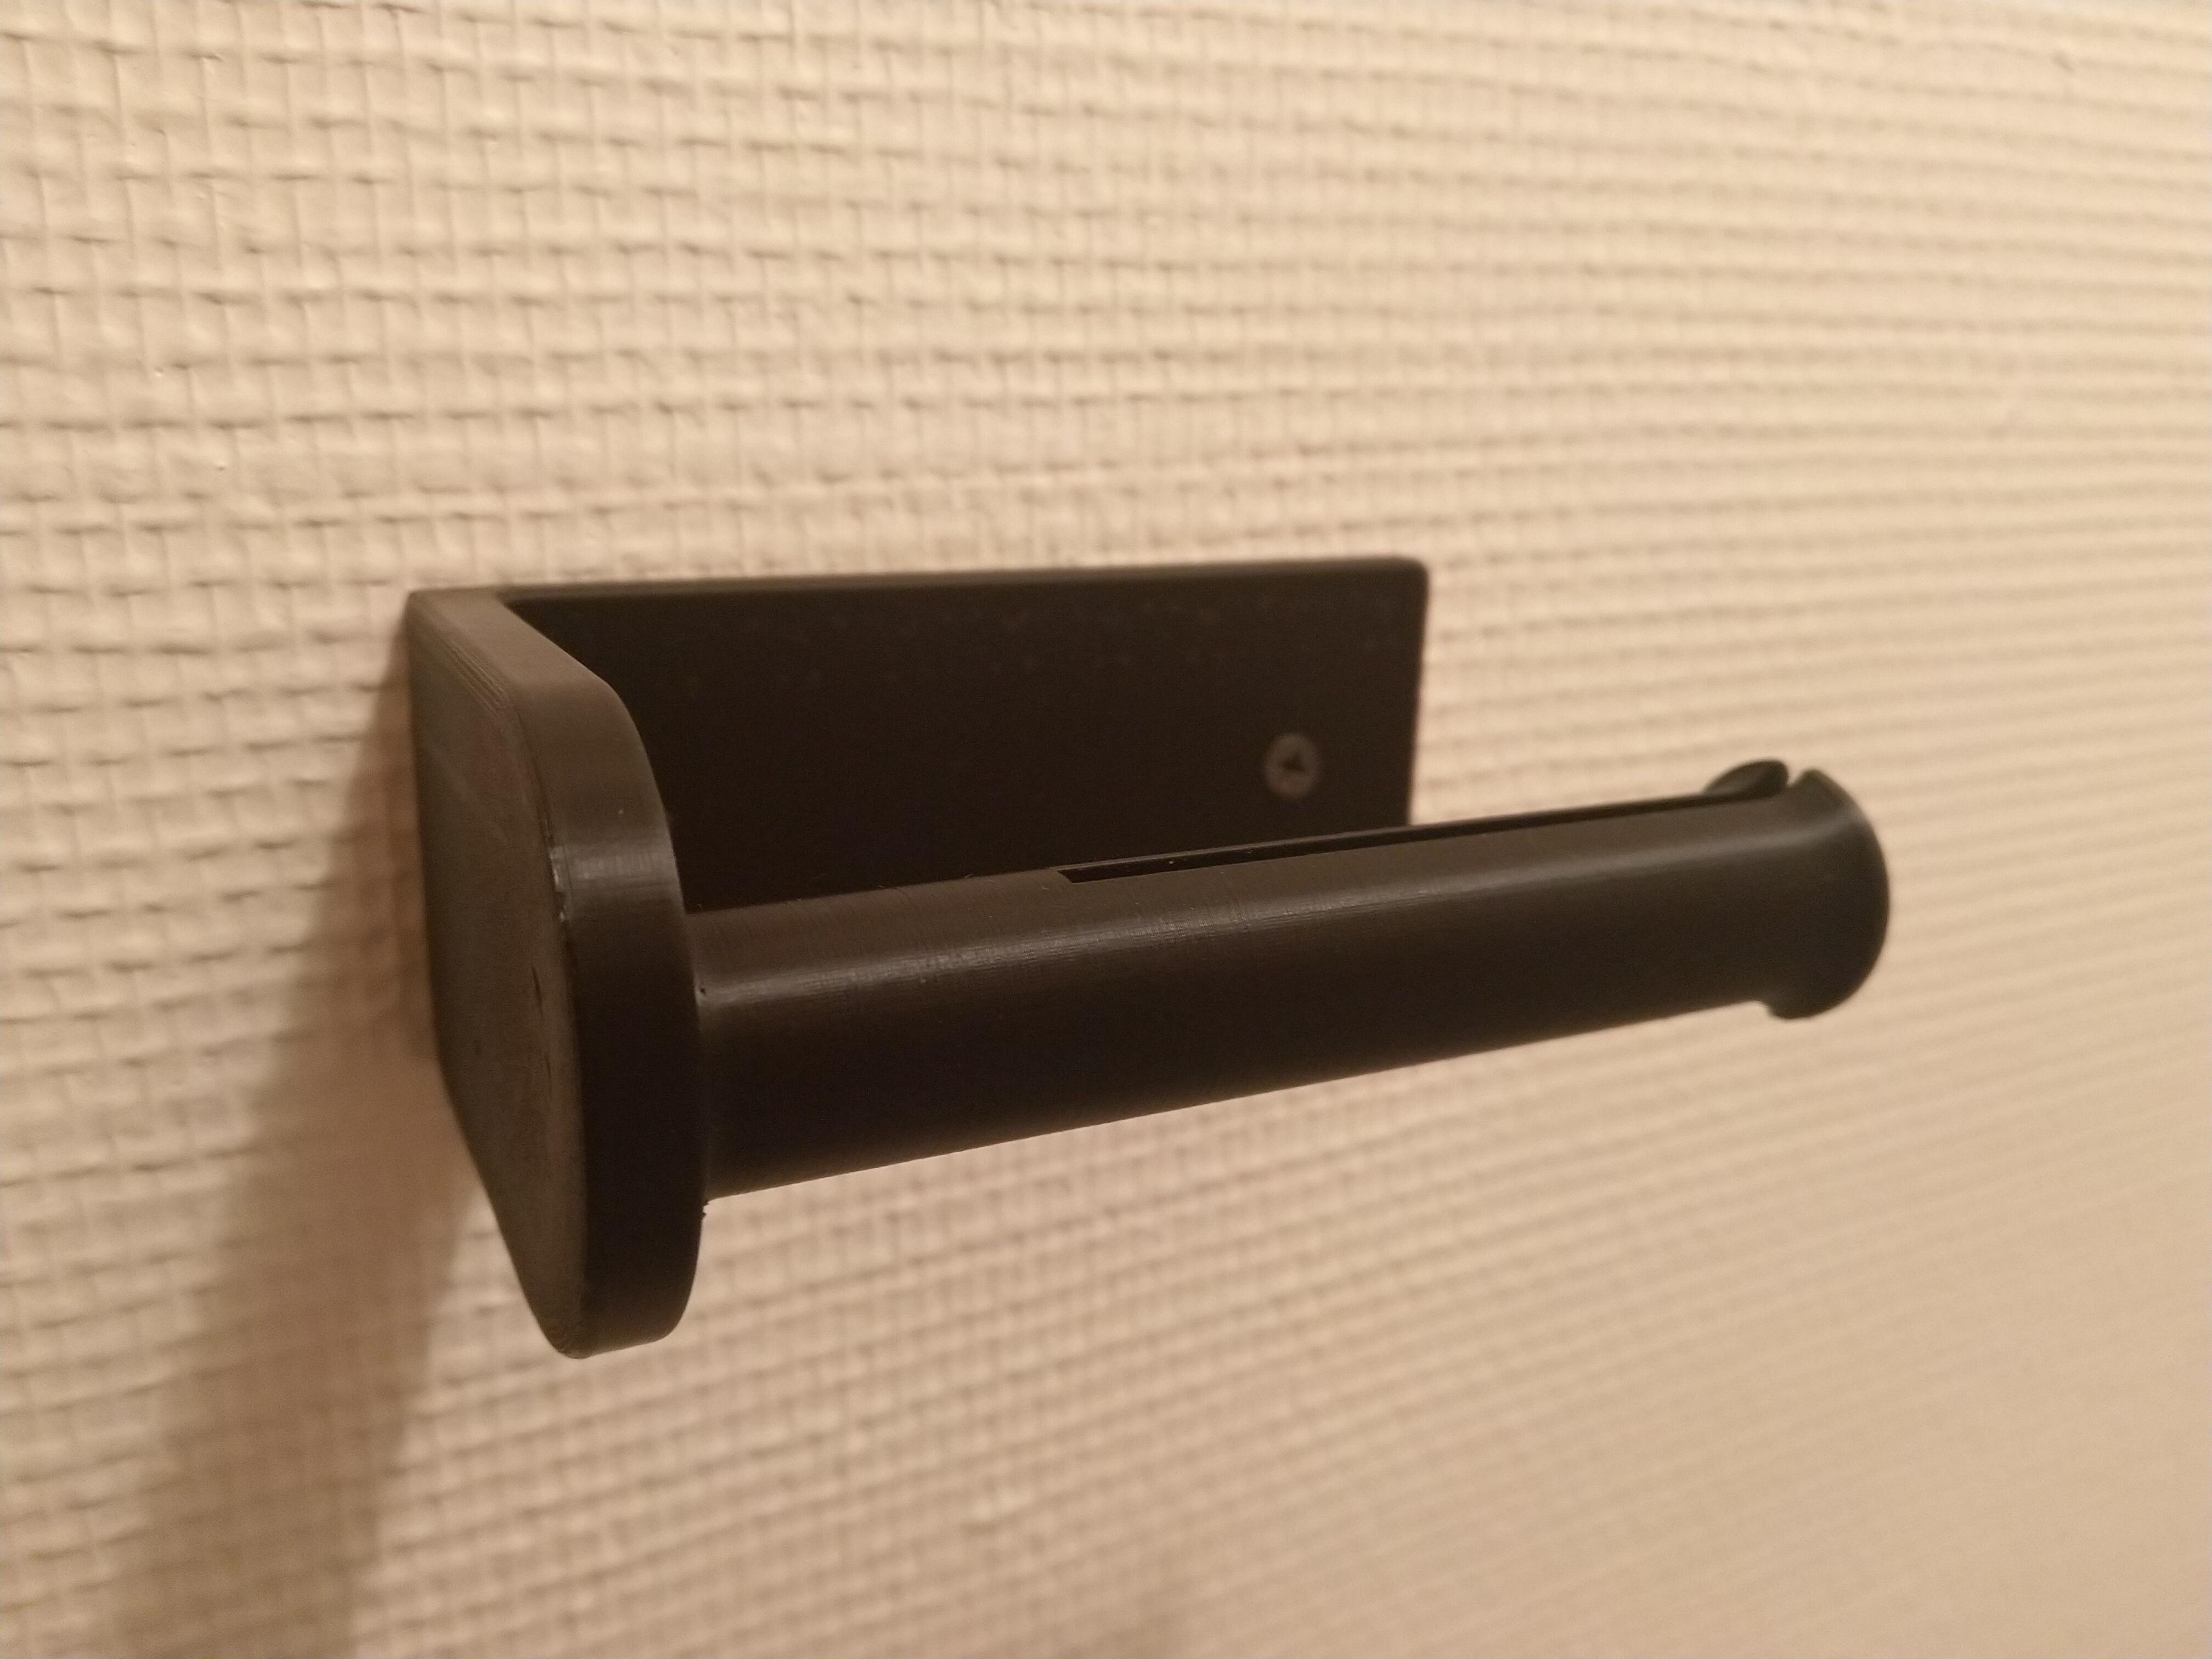 Dérouleur Papier Wc Metal simple toilet roll holder / simple dérouleur de papier